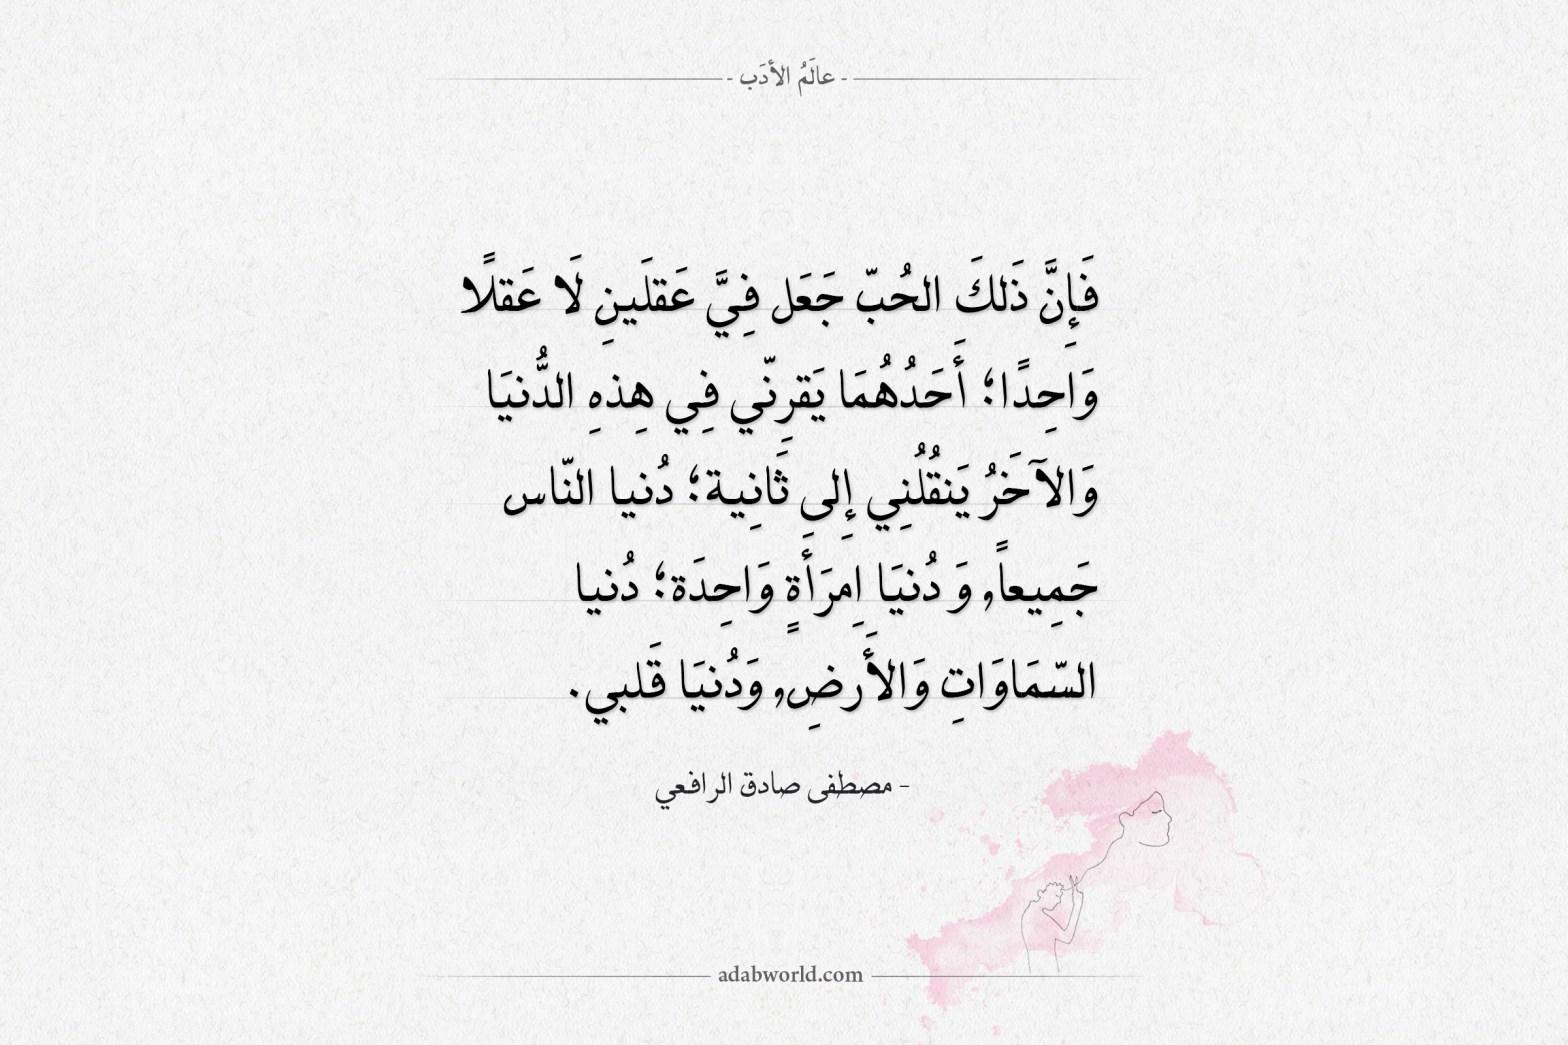 اقتباسات مصطفى صادق الرافعي ذلك الحب جعل في عقلين